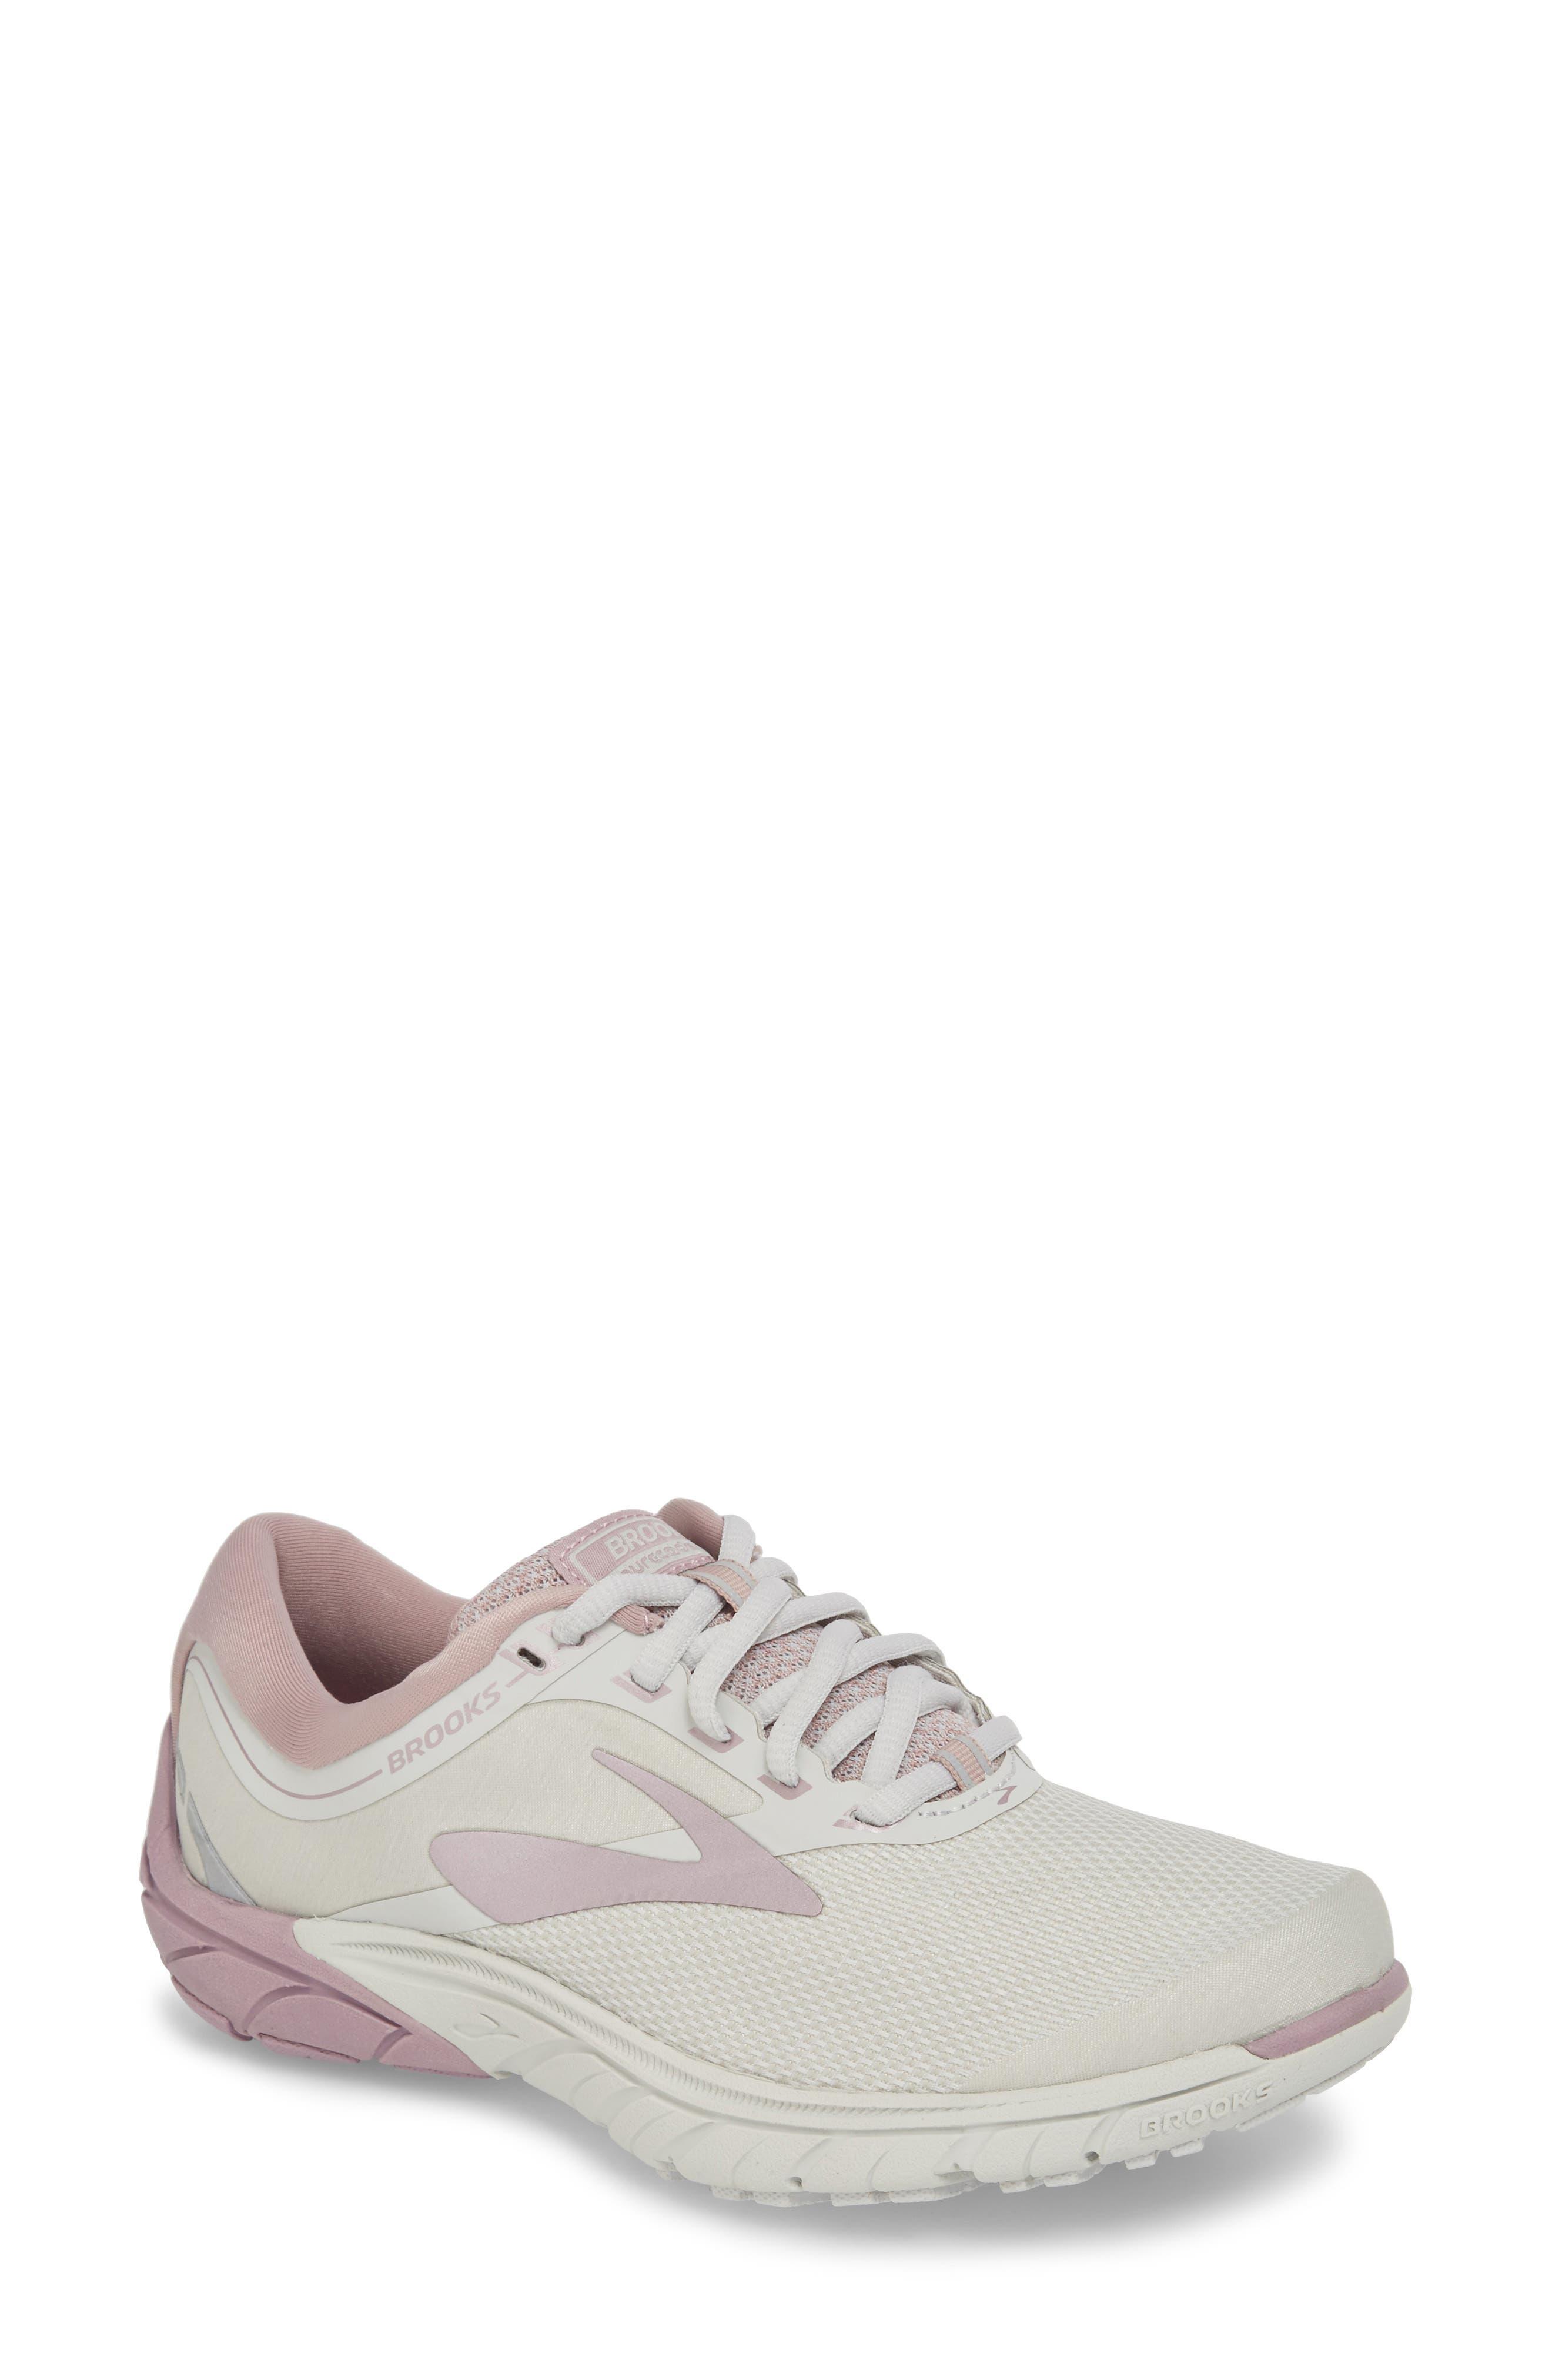 Brooks Purecadence 7 Road Running Shoe B - White